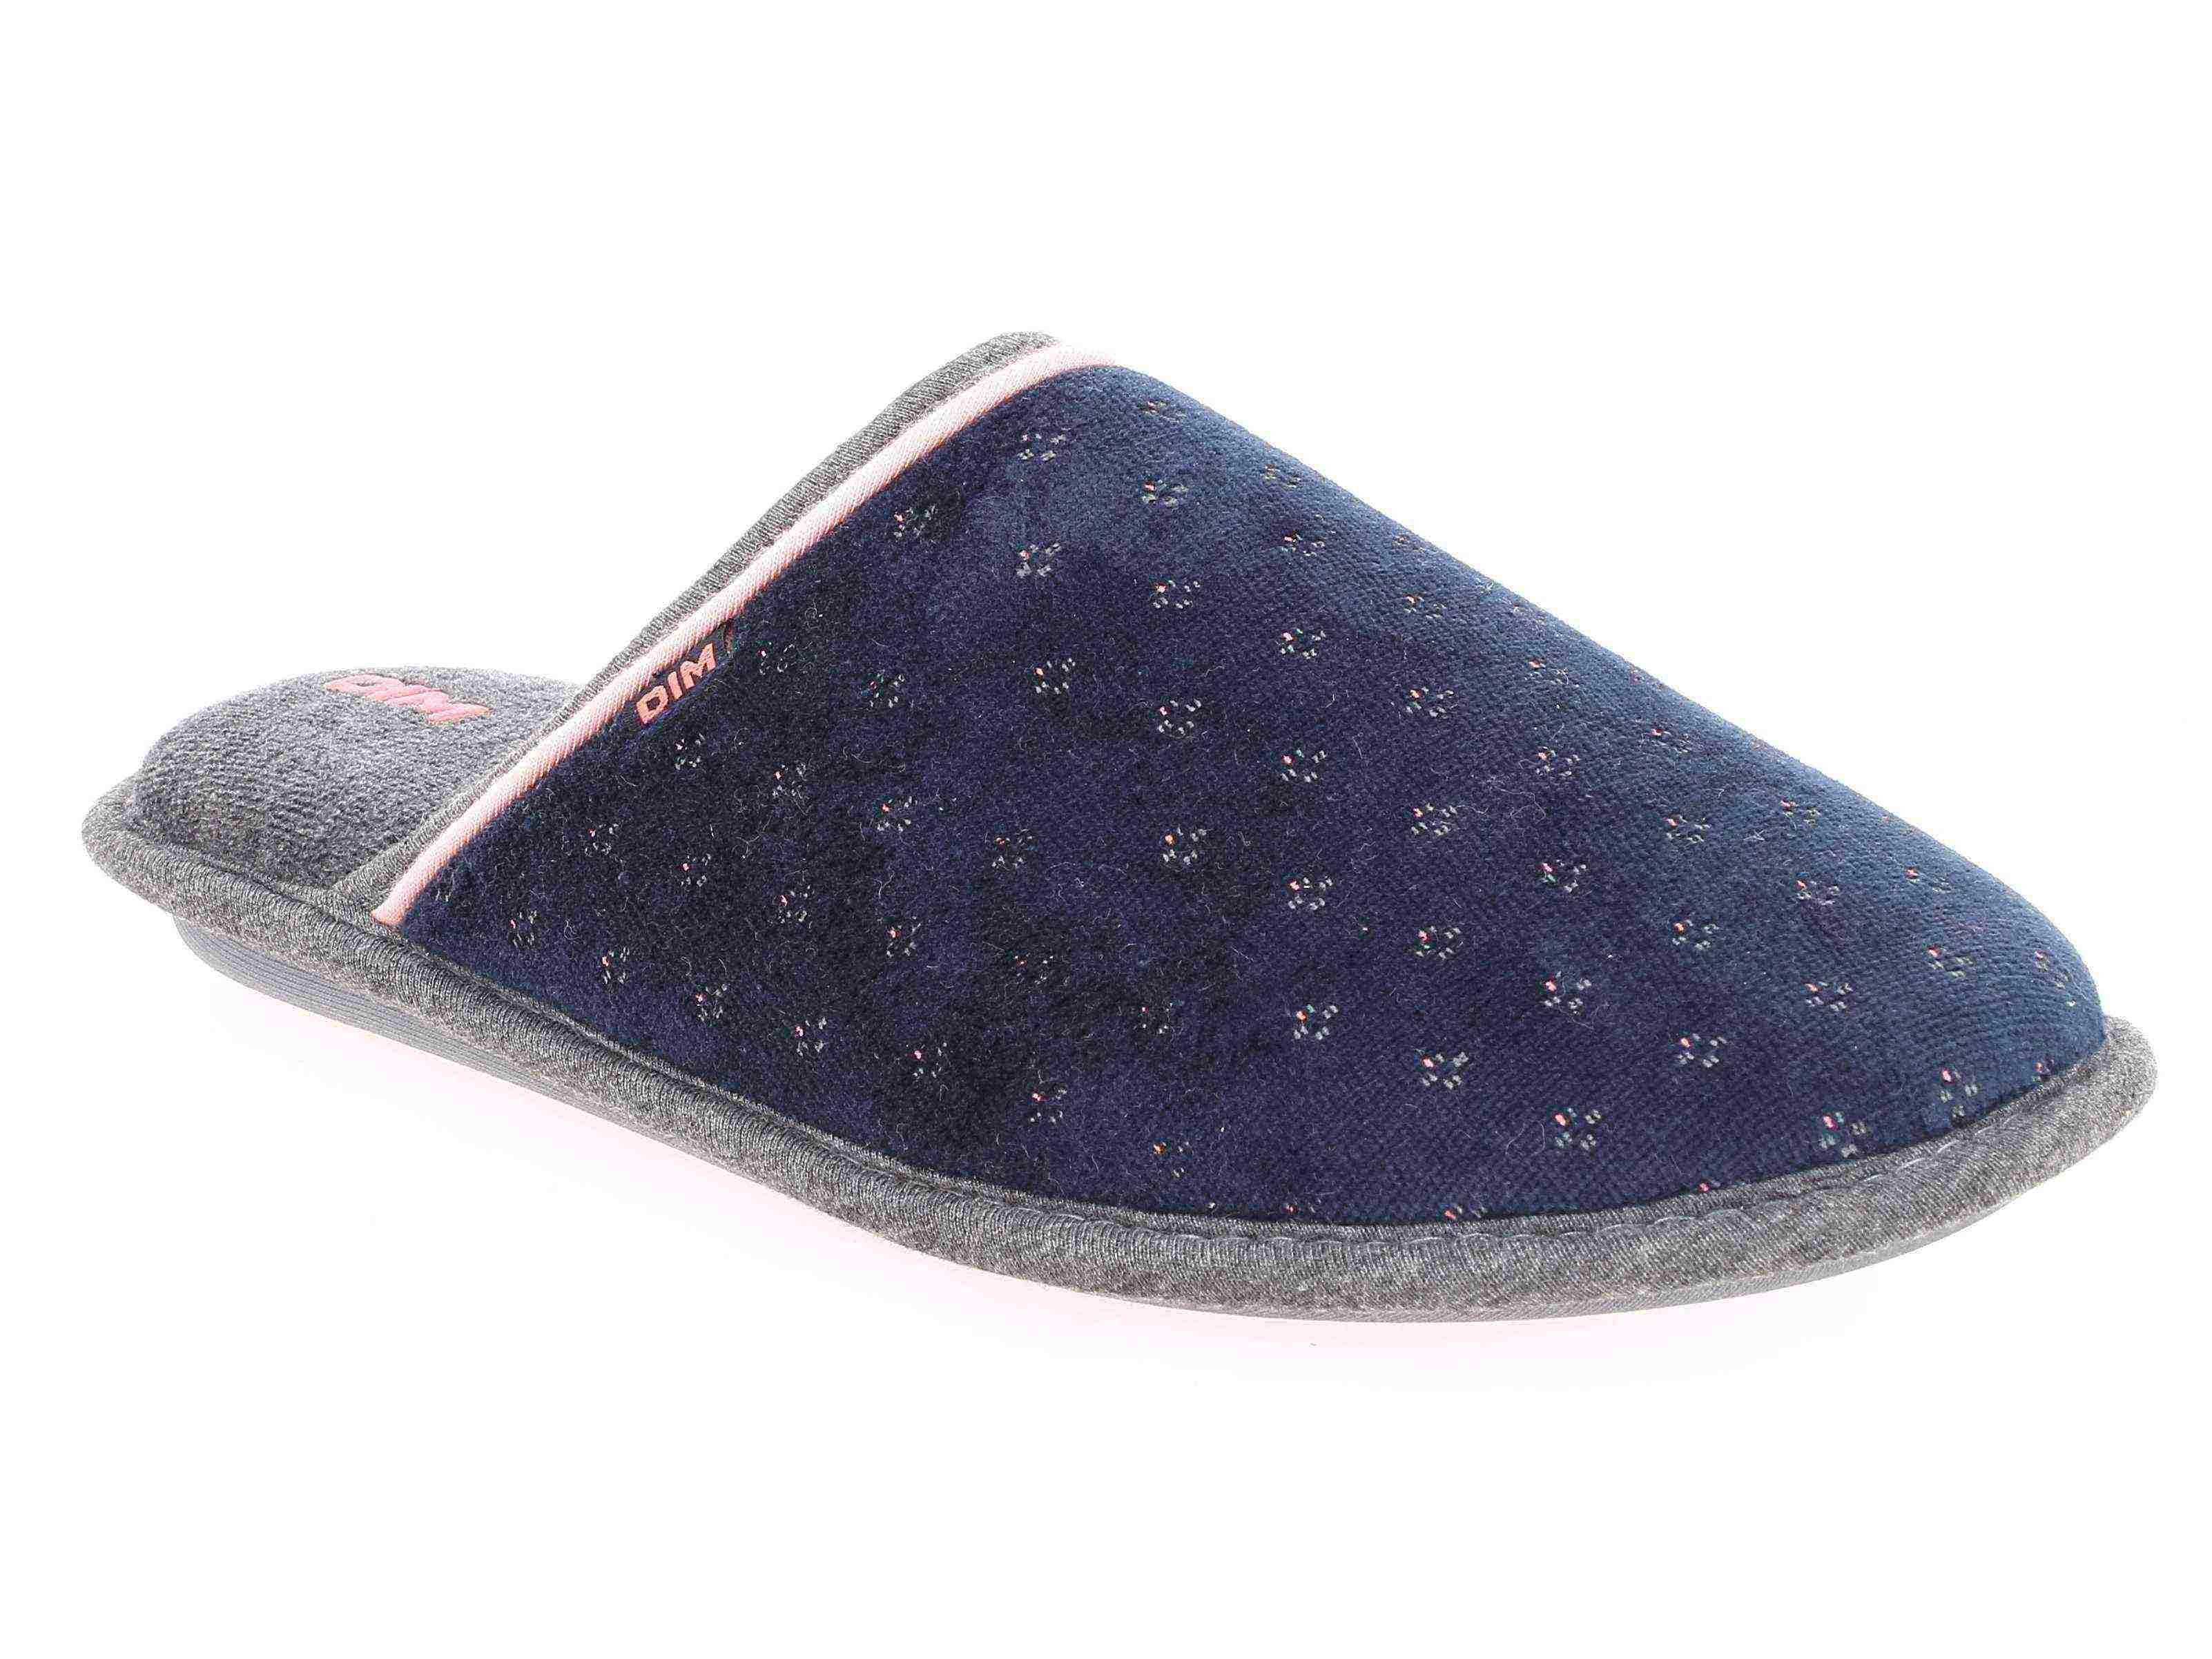 Chaussons pantoufles en velours bleu marine Femme